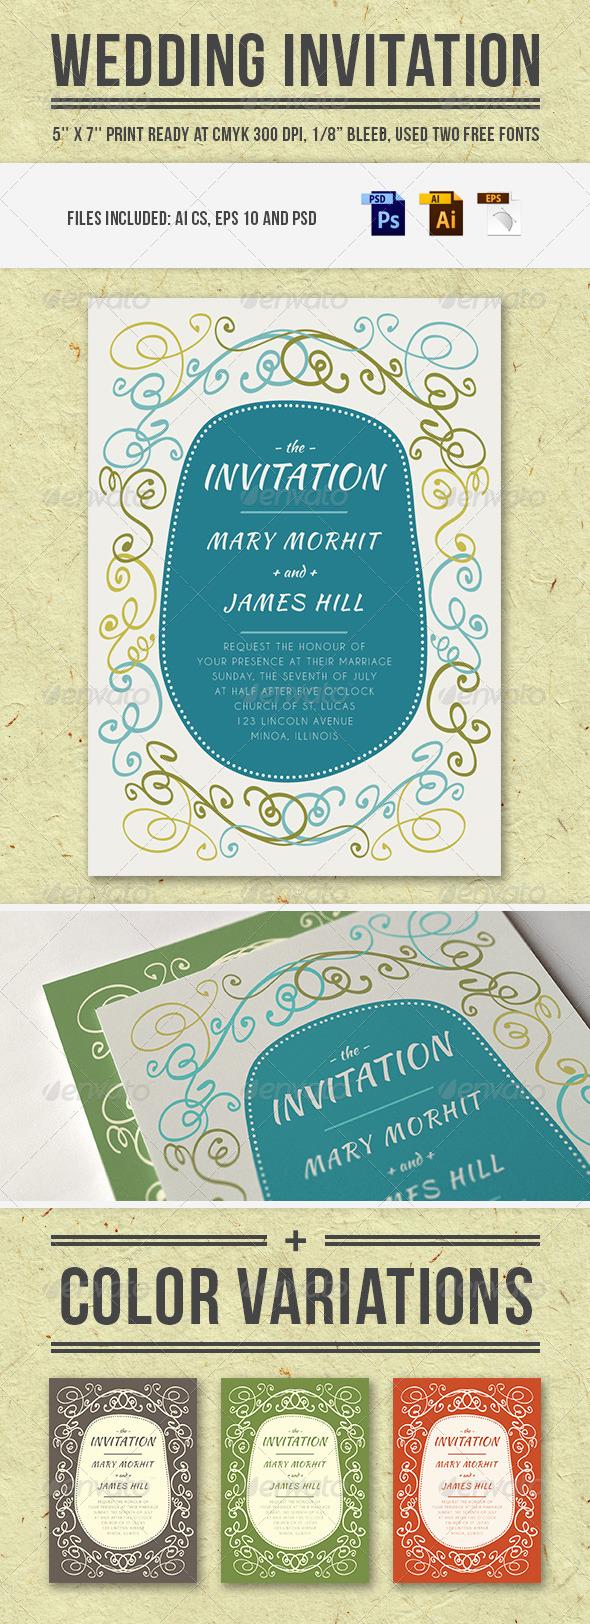 GraphicRiver Wedding Invitation 5962838